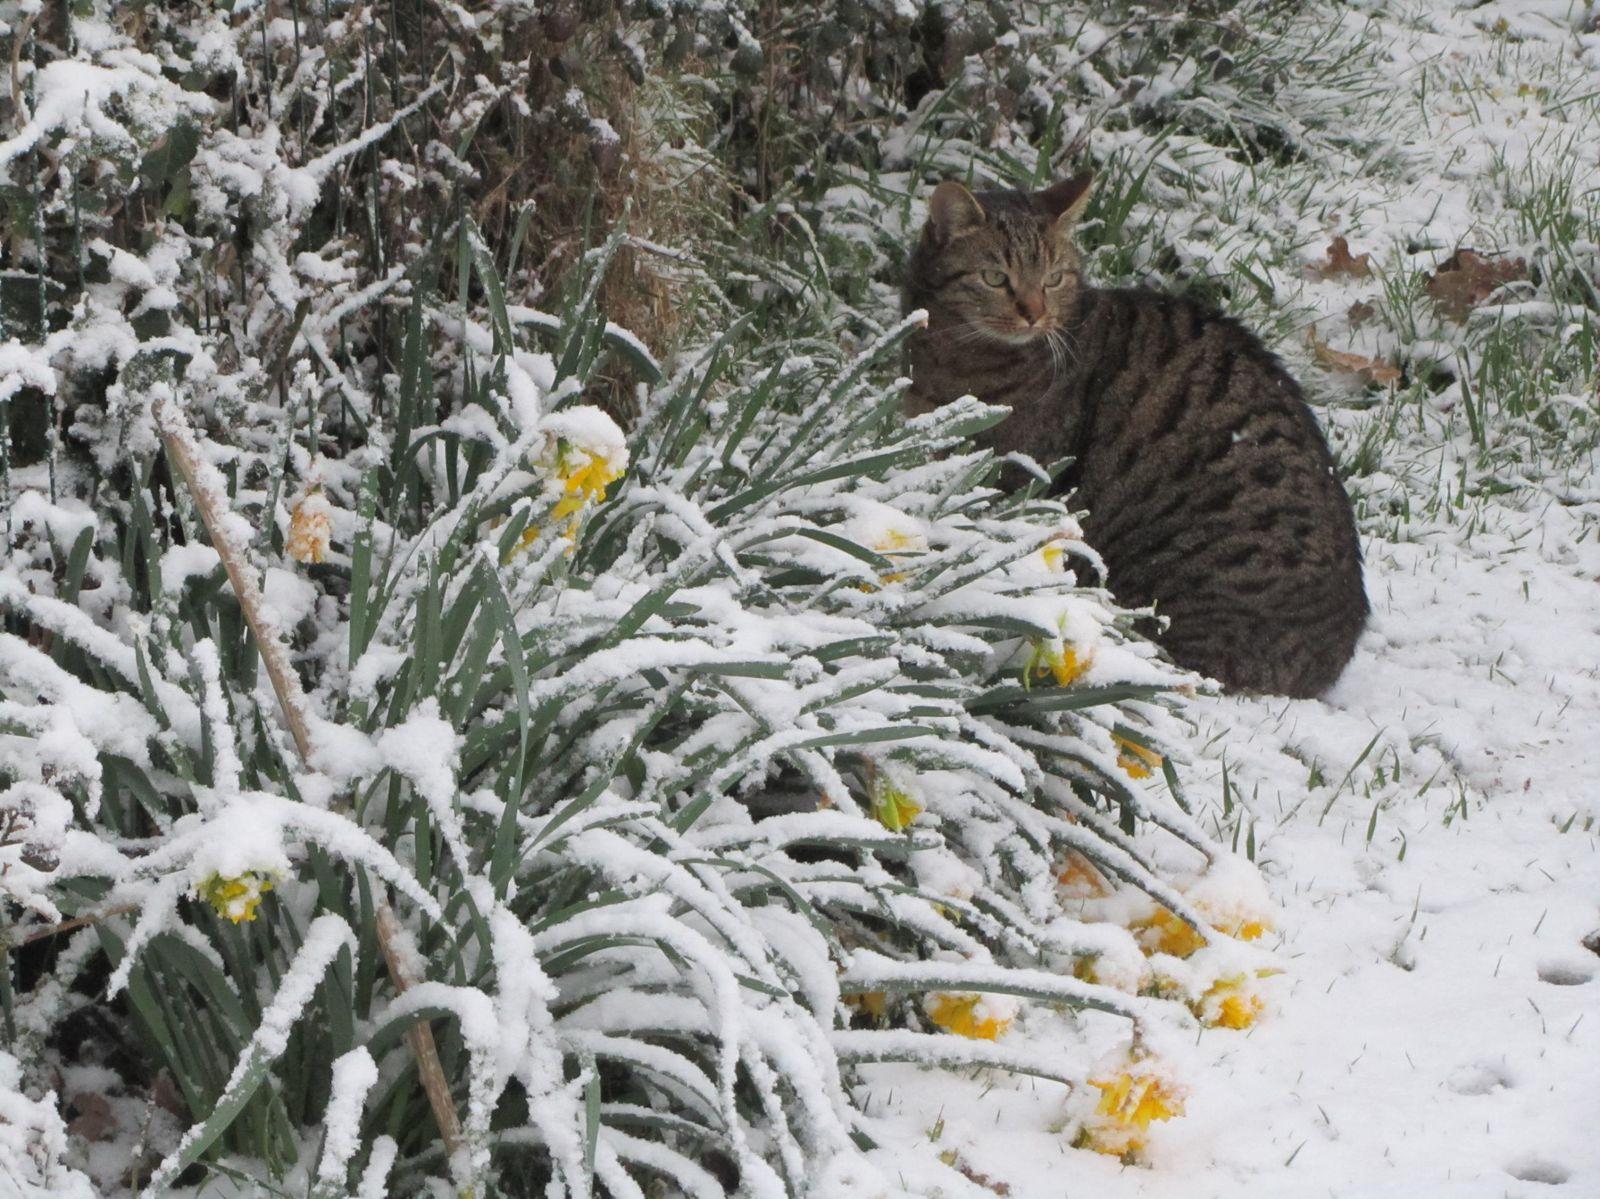 C'est la deuxième fois que les jonquilles sont sous la neige. Elles n'ont pas de chance !